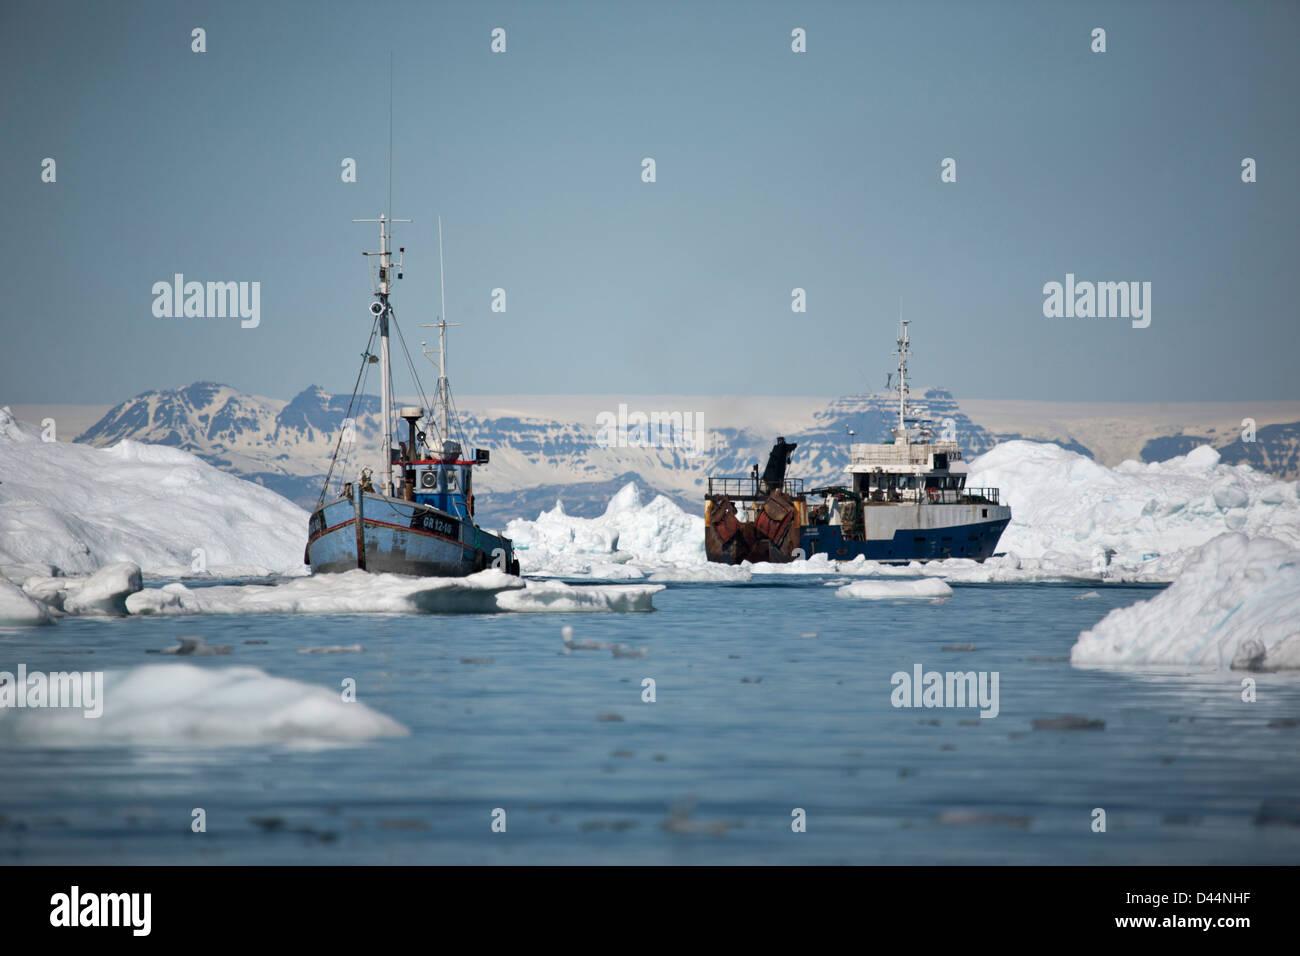 Les bateaux de pêche entre les icebergs au Groenland Photo Stock